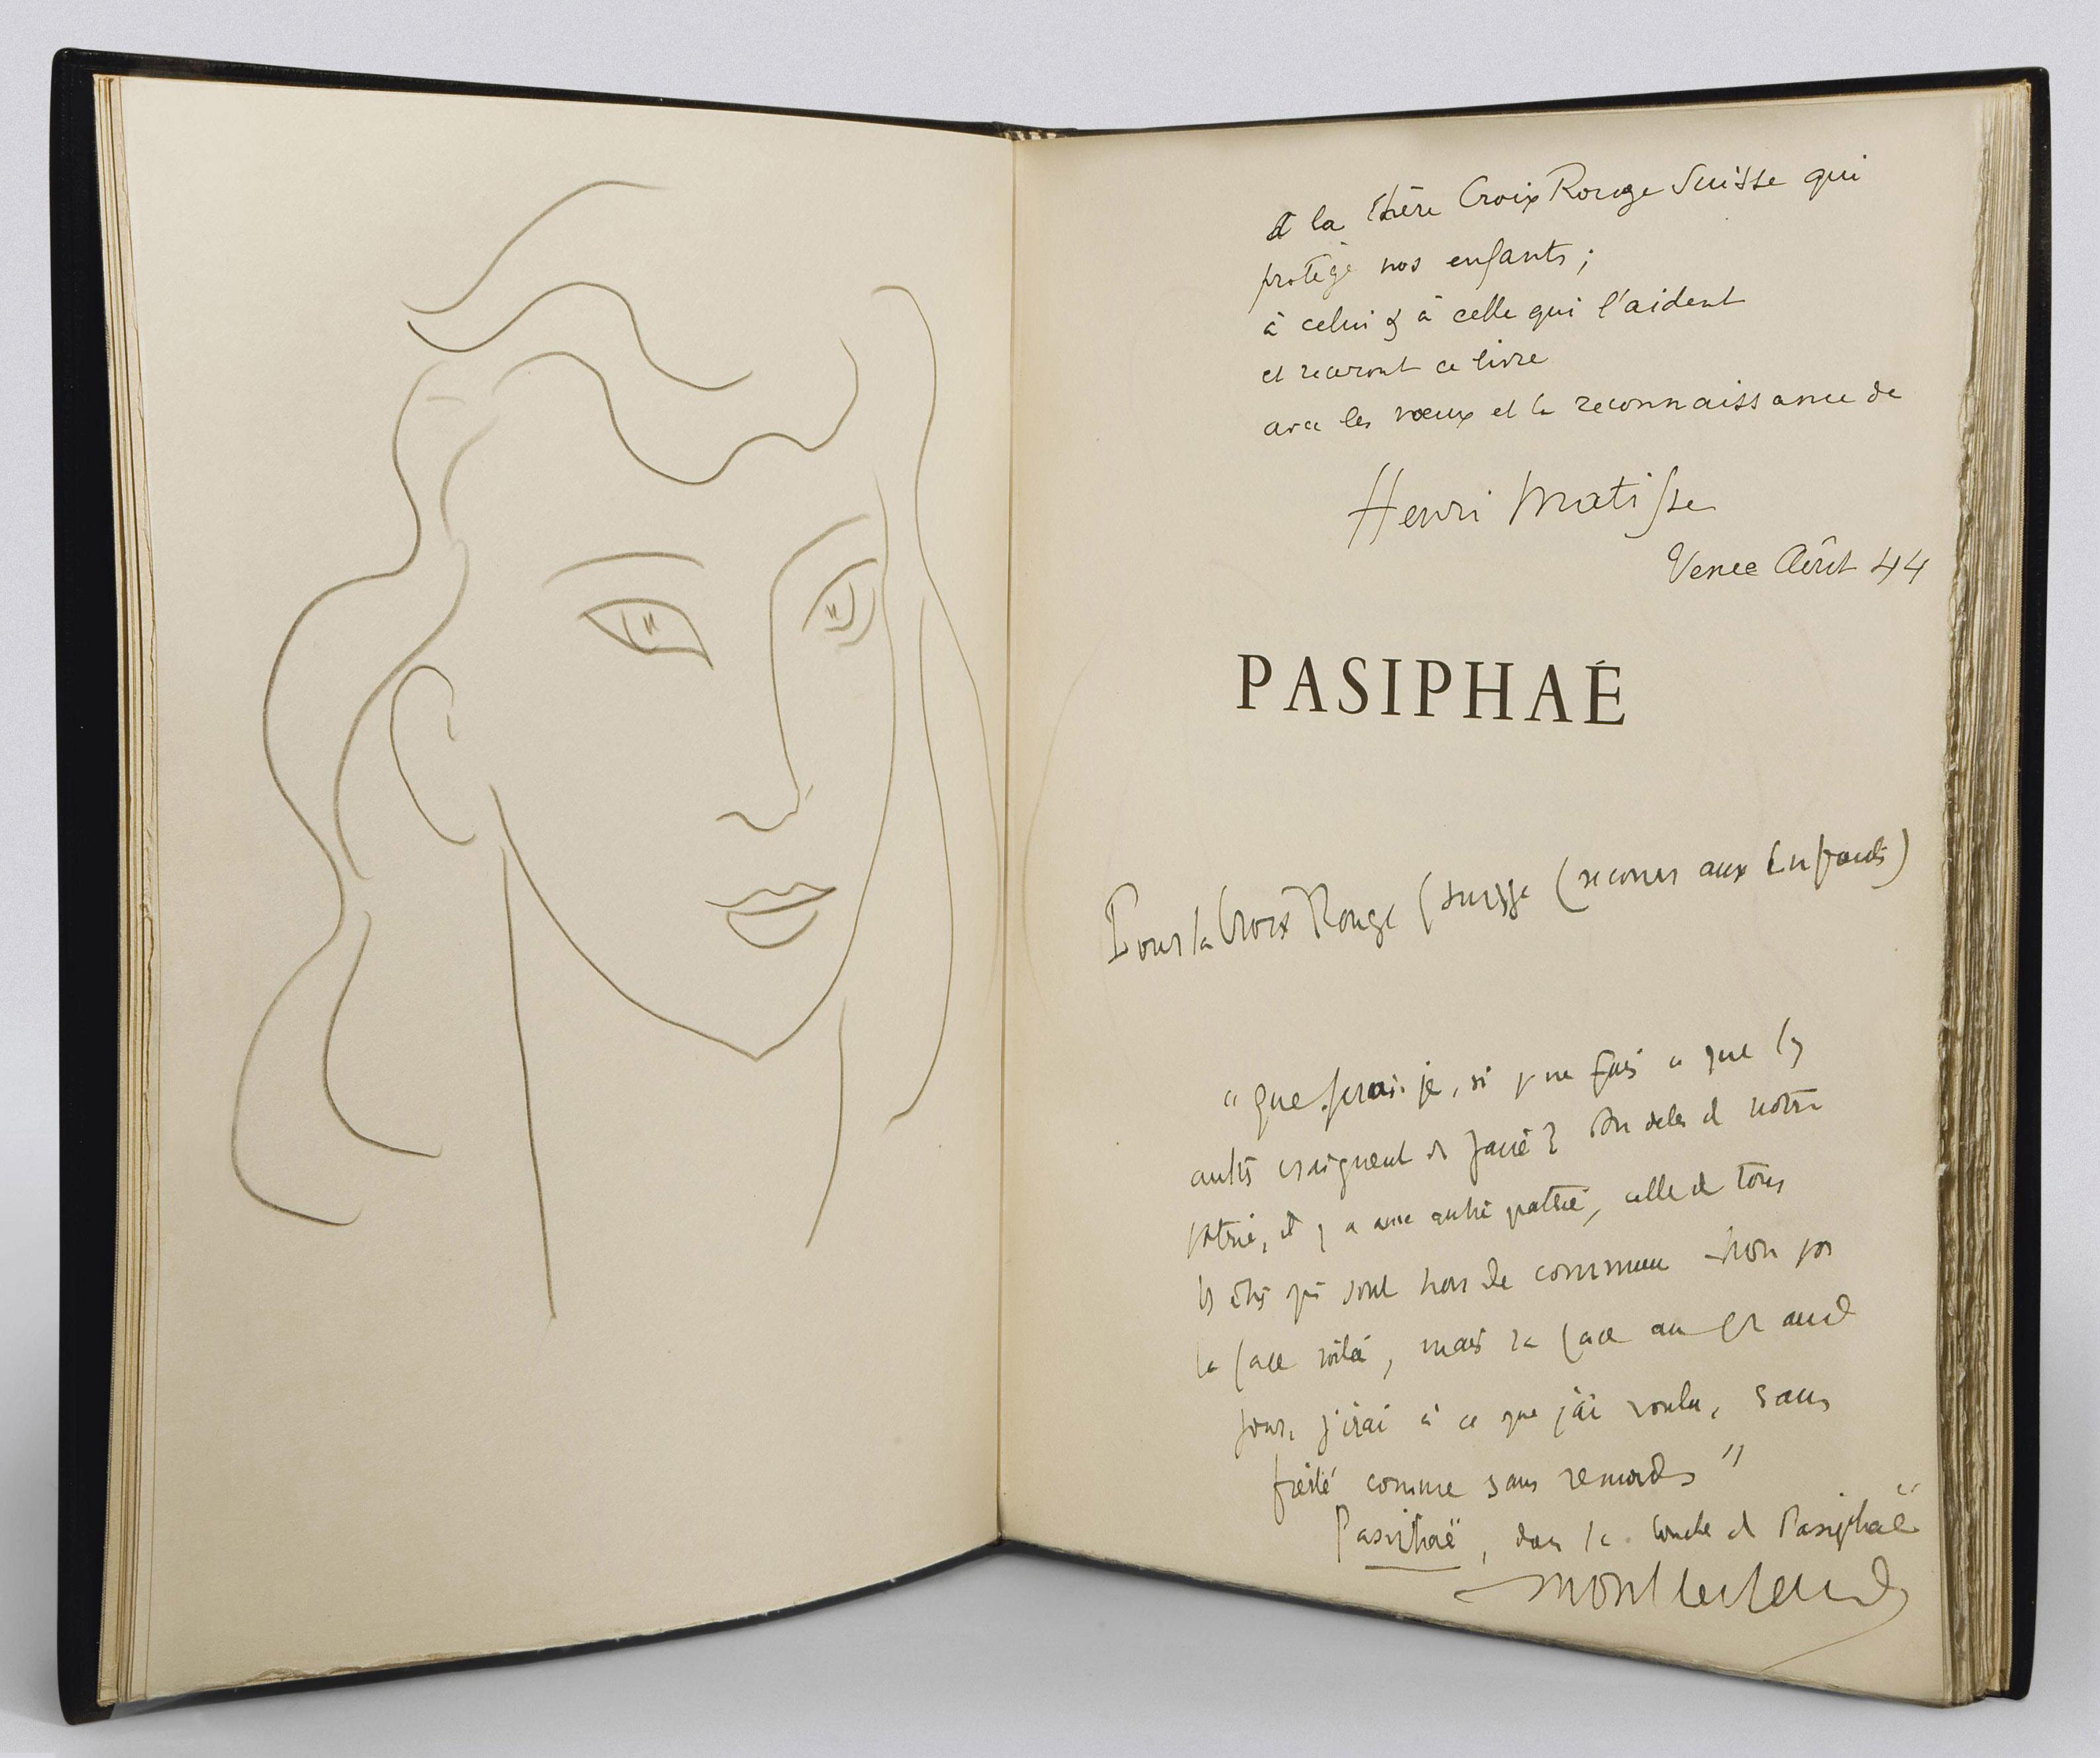 [MATISSE] -- MONTHERLANT, Henry Millon (1895-1972). Pasiphaé. Chant de Minos (les Crétois). Gravures originales par Henri Matisse. Paris: Martin Fabiani, 1944.